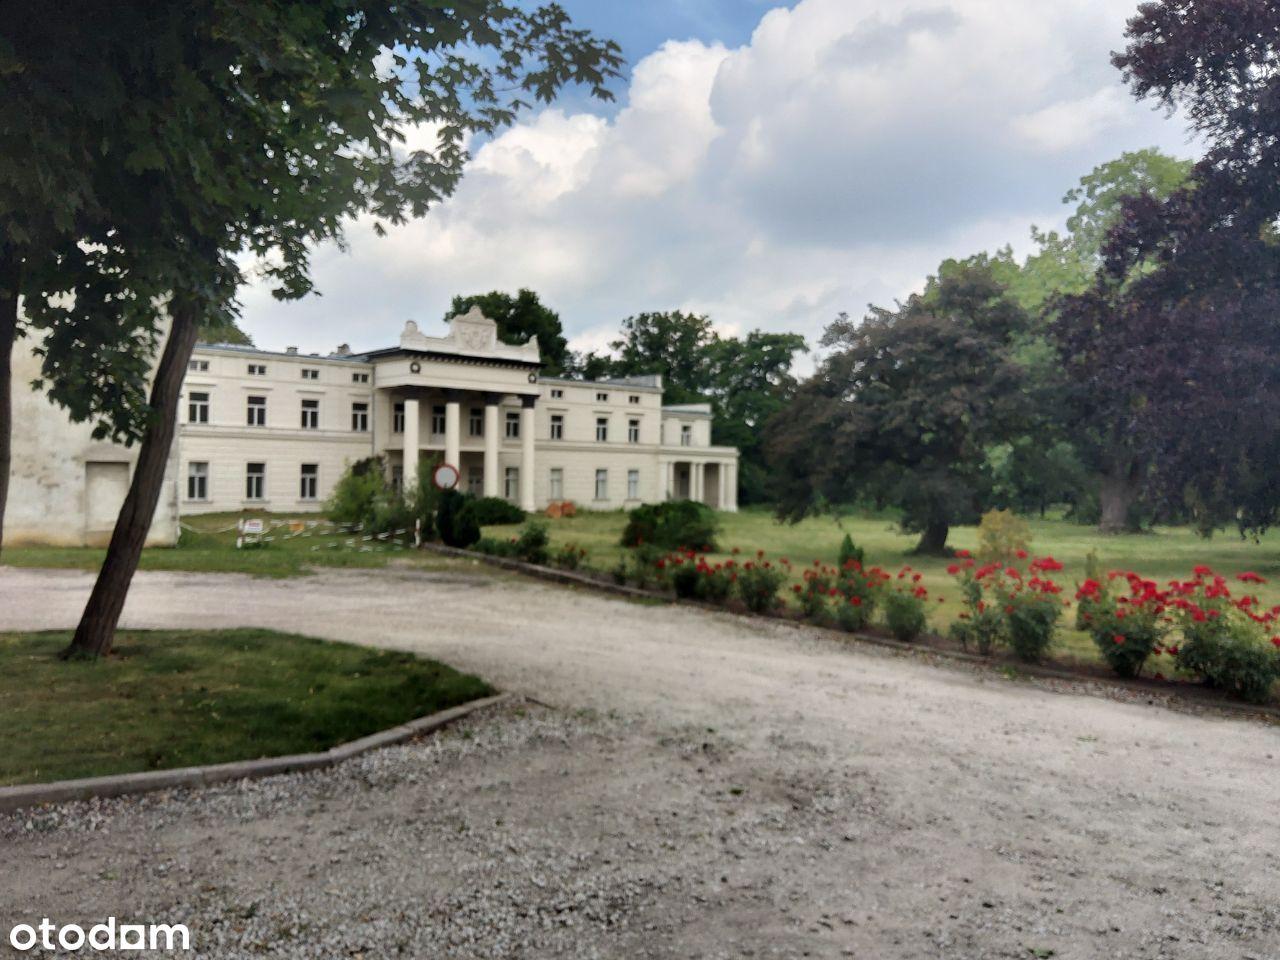 Zespół pałacowy gmina Czempiń 20 min. od Poznania